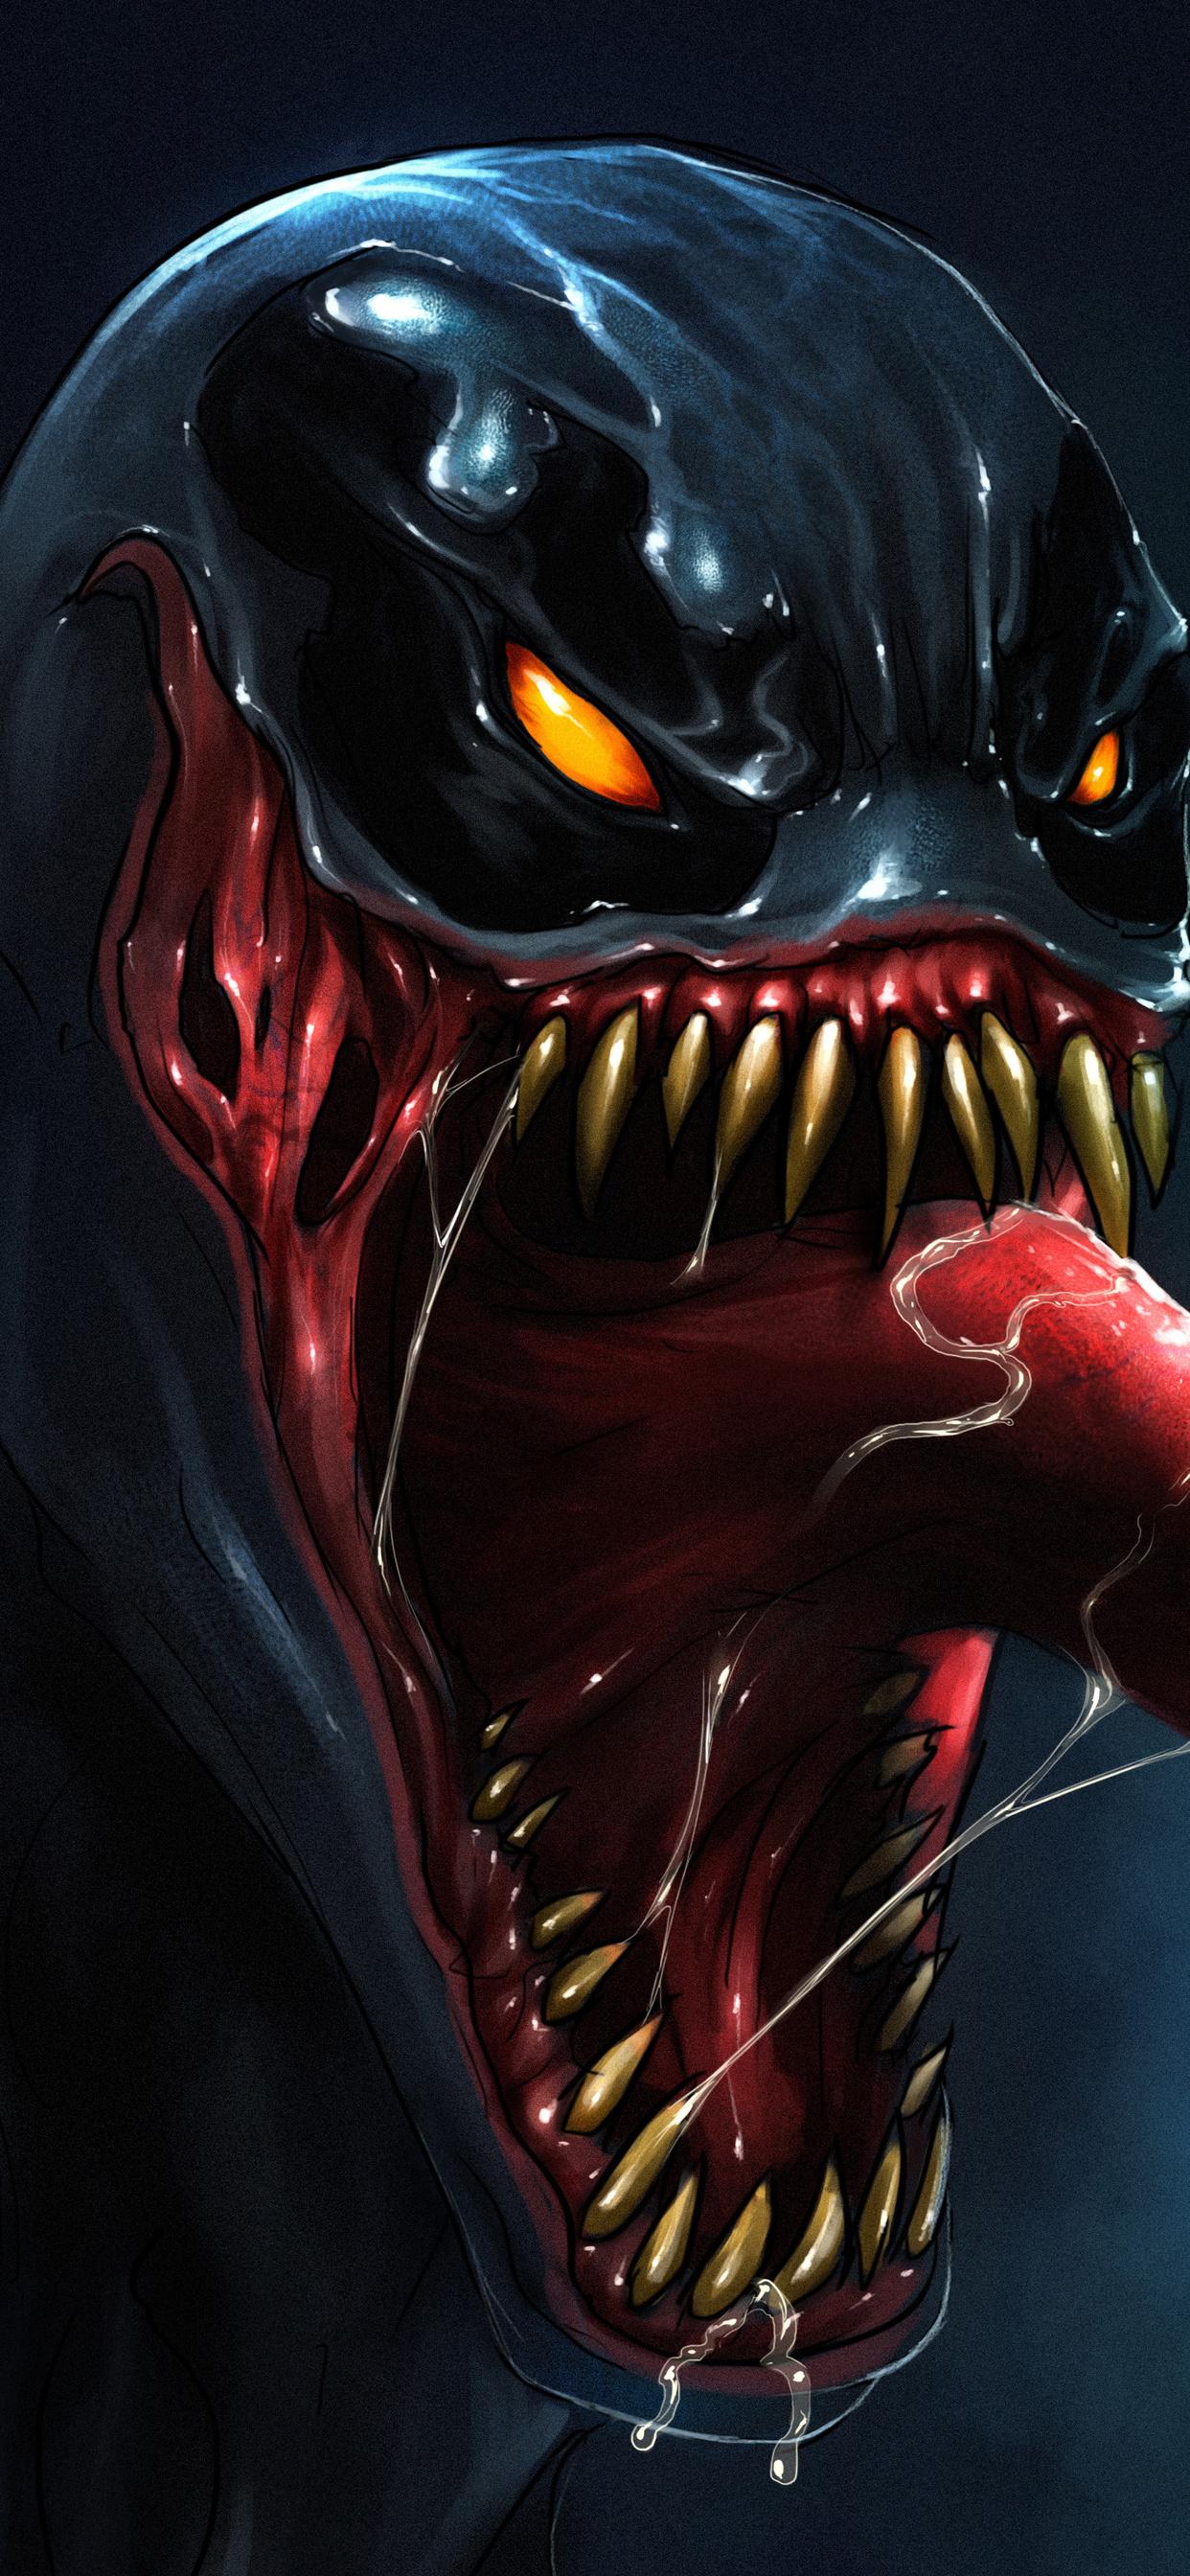 1242x2688 Venom 5k Artwork Iphone Xs Max Hd 4k Wallpapers